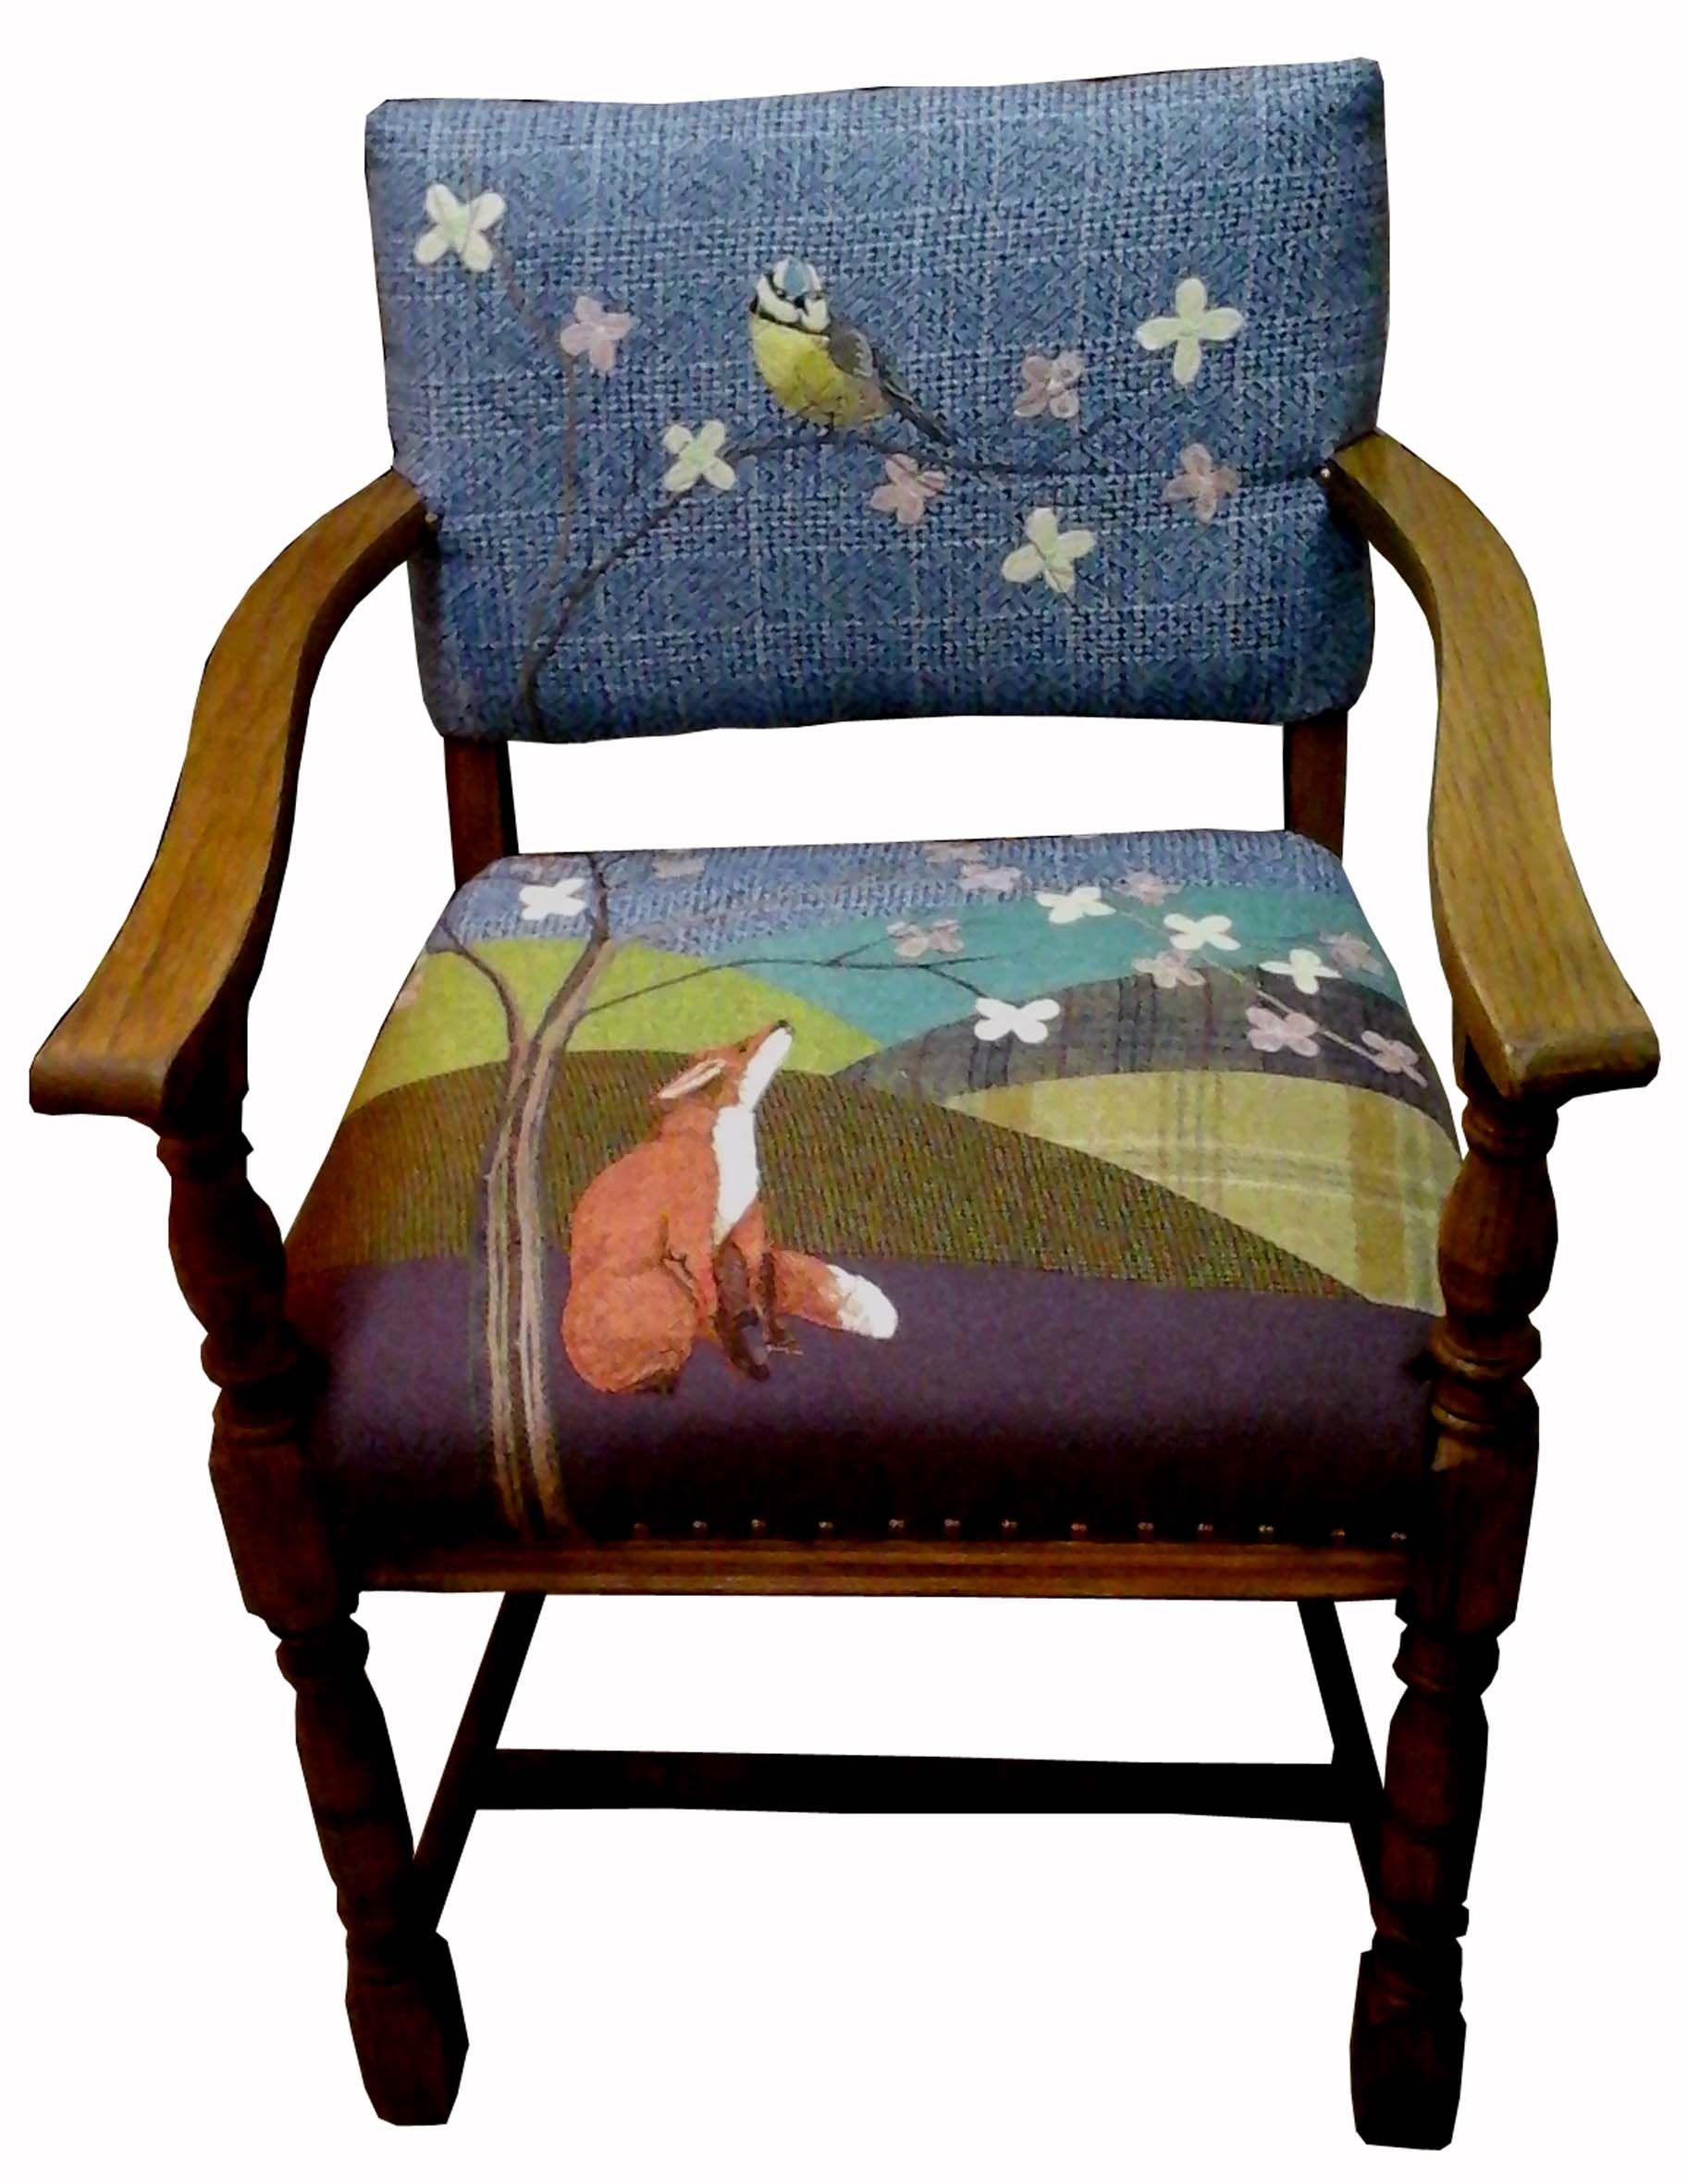 Entzückend Ausgefallene Sessel Sammlung Von Stuhl, Restaurieren, Bibliothek, Sitzen, Sessel, Innenarchitektur, Weben,